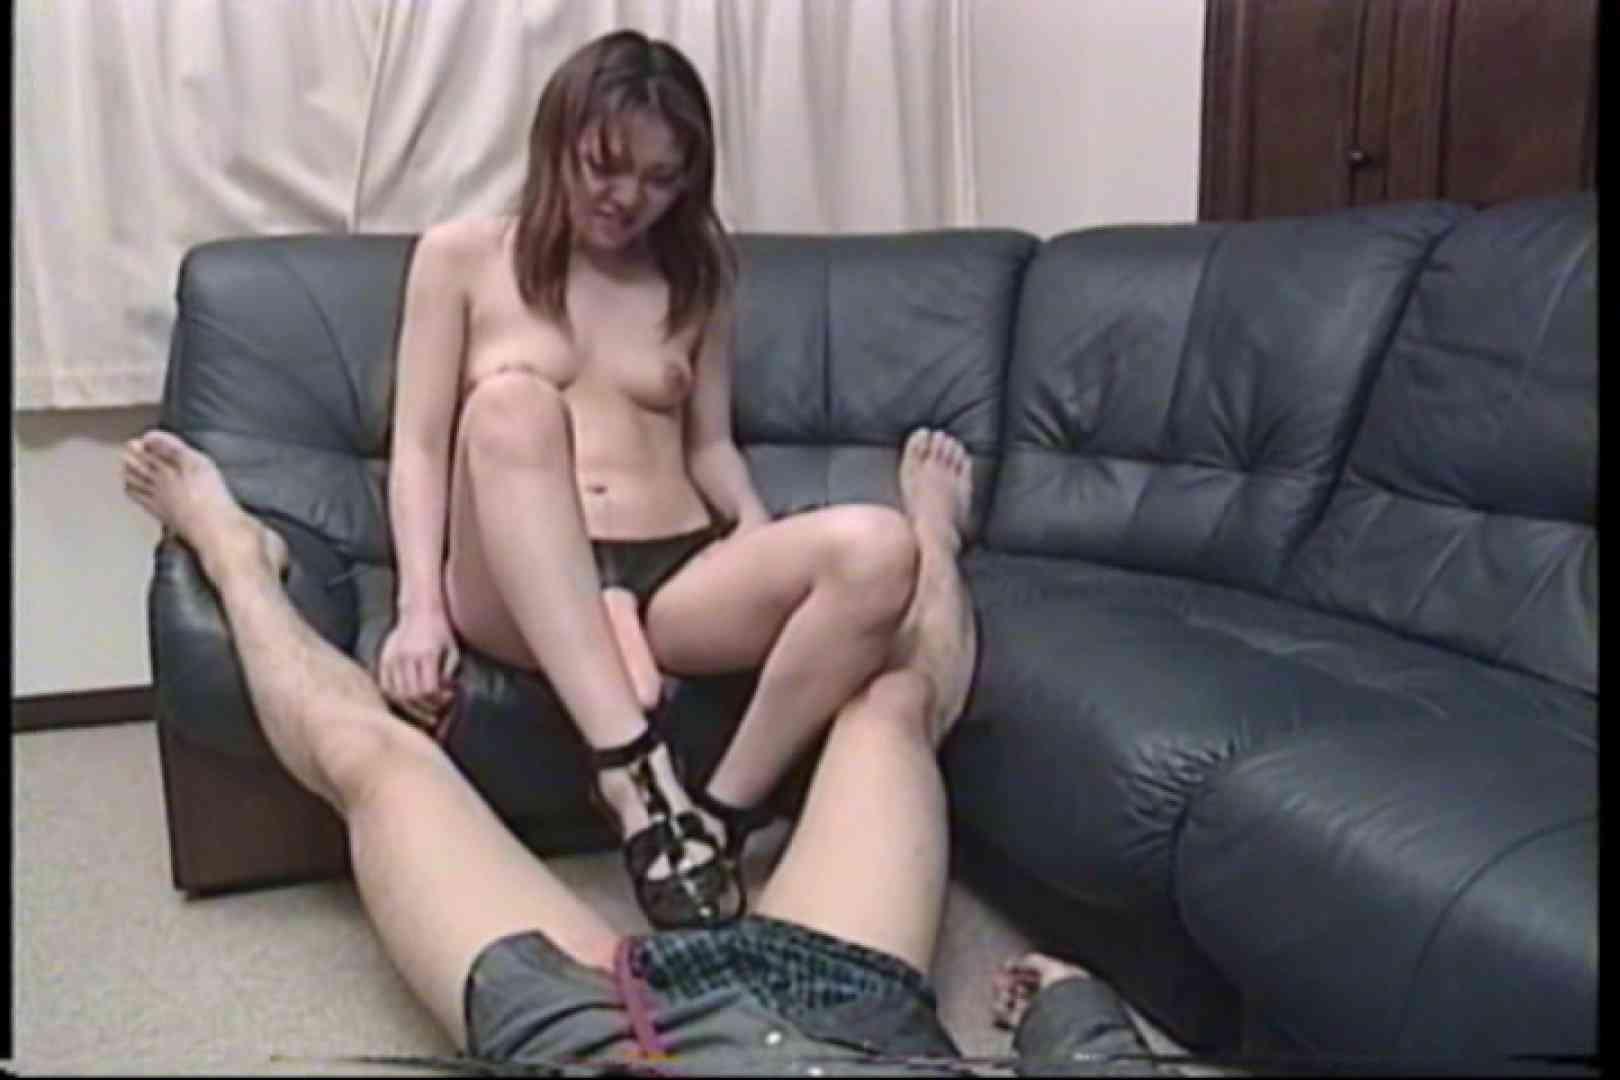 元気な女王様はお好きですか?~麻生紀香~ ロリ セックス画像 68PIX 39